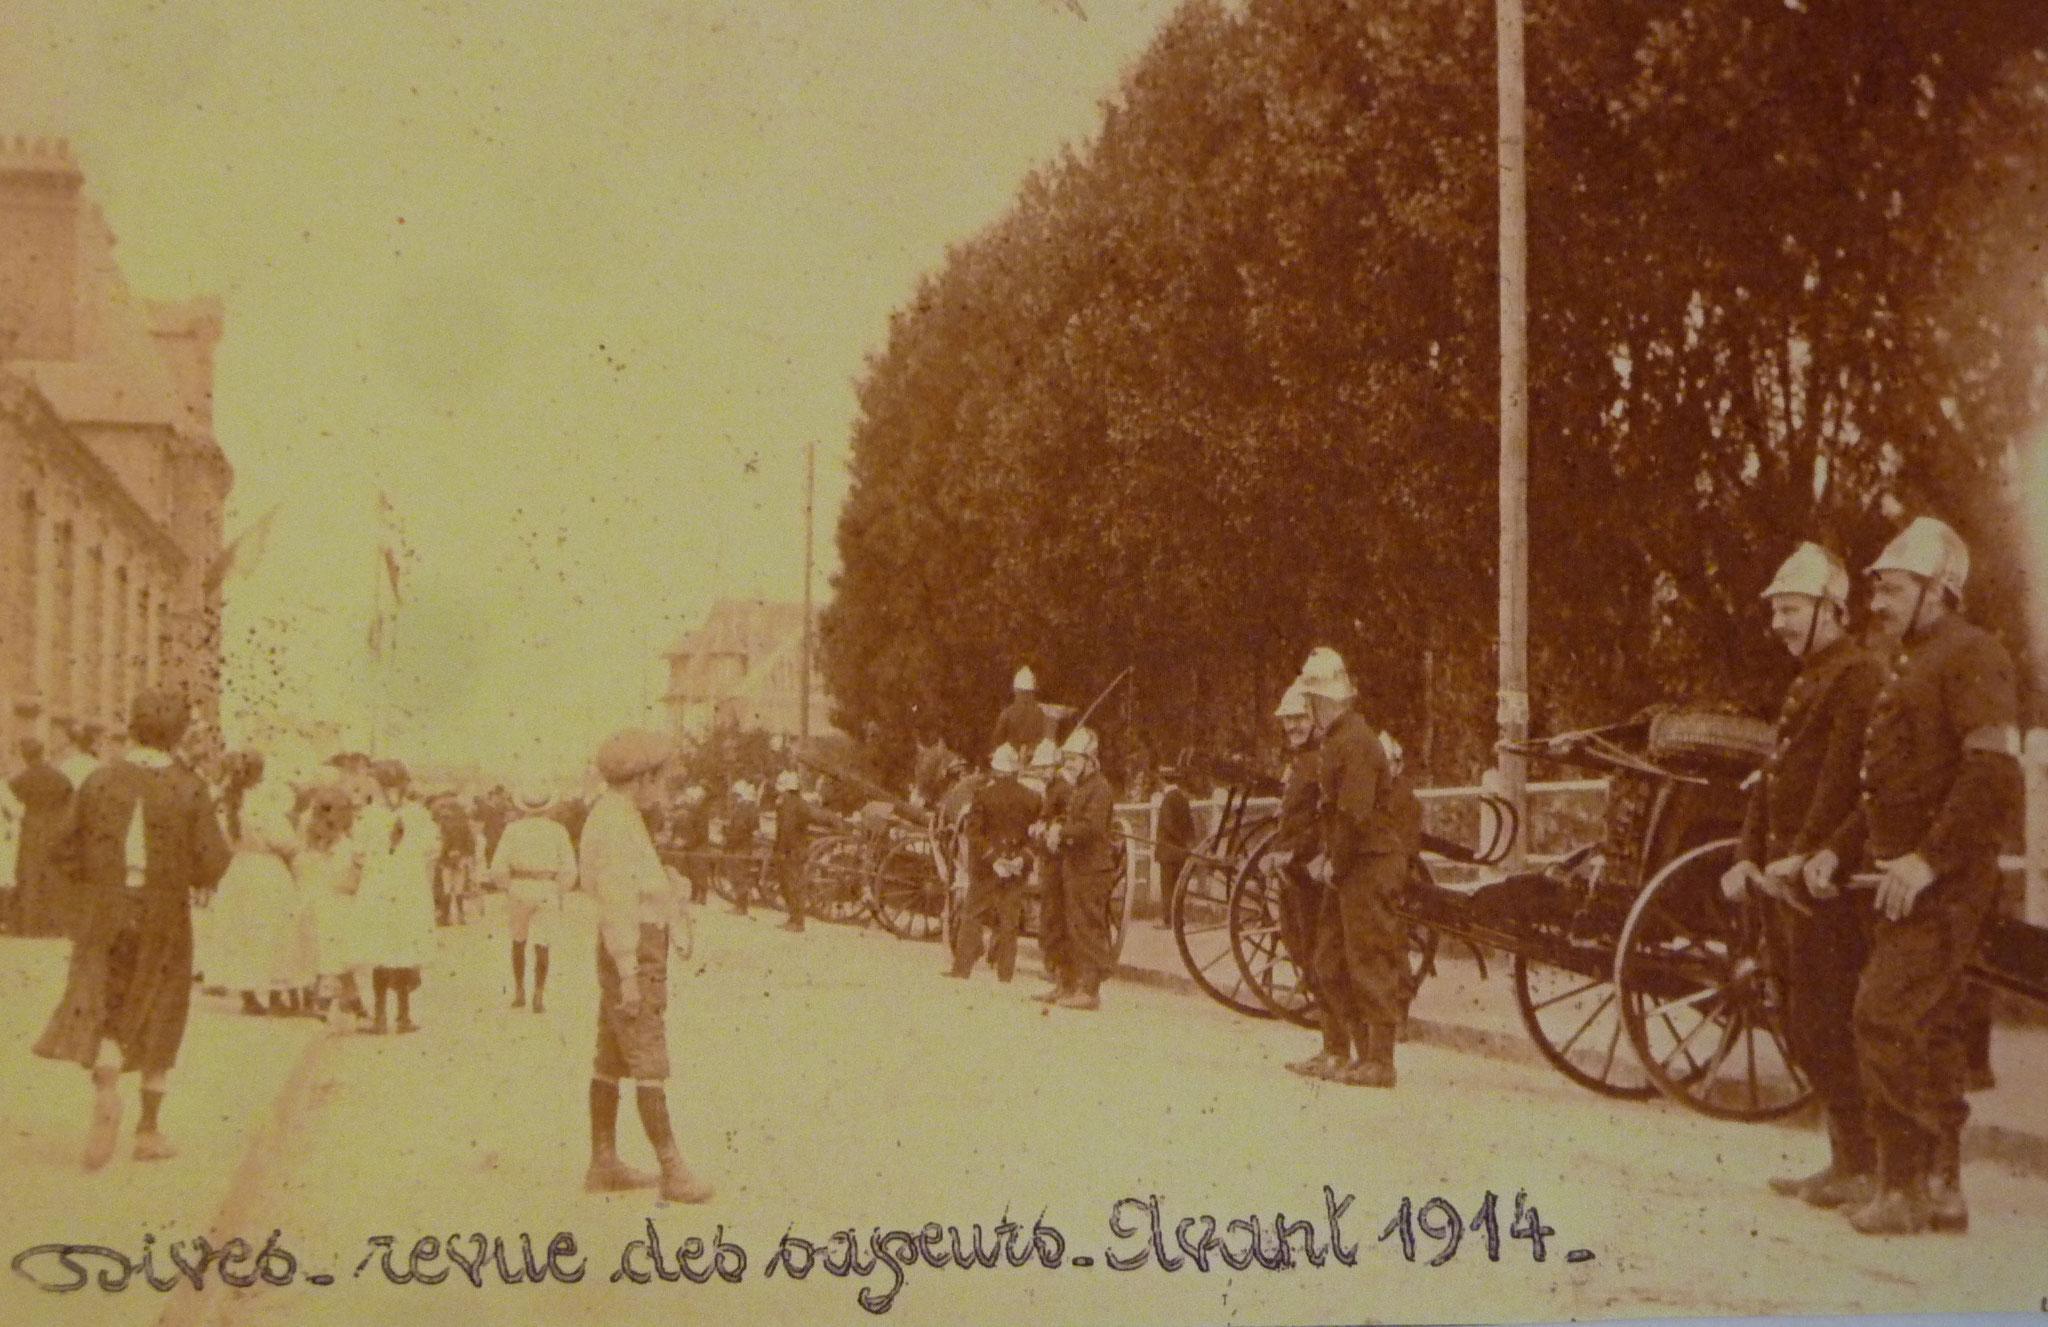 Revue des sapeurs avant 1914 - Collection Dives